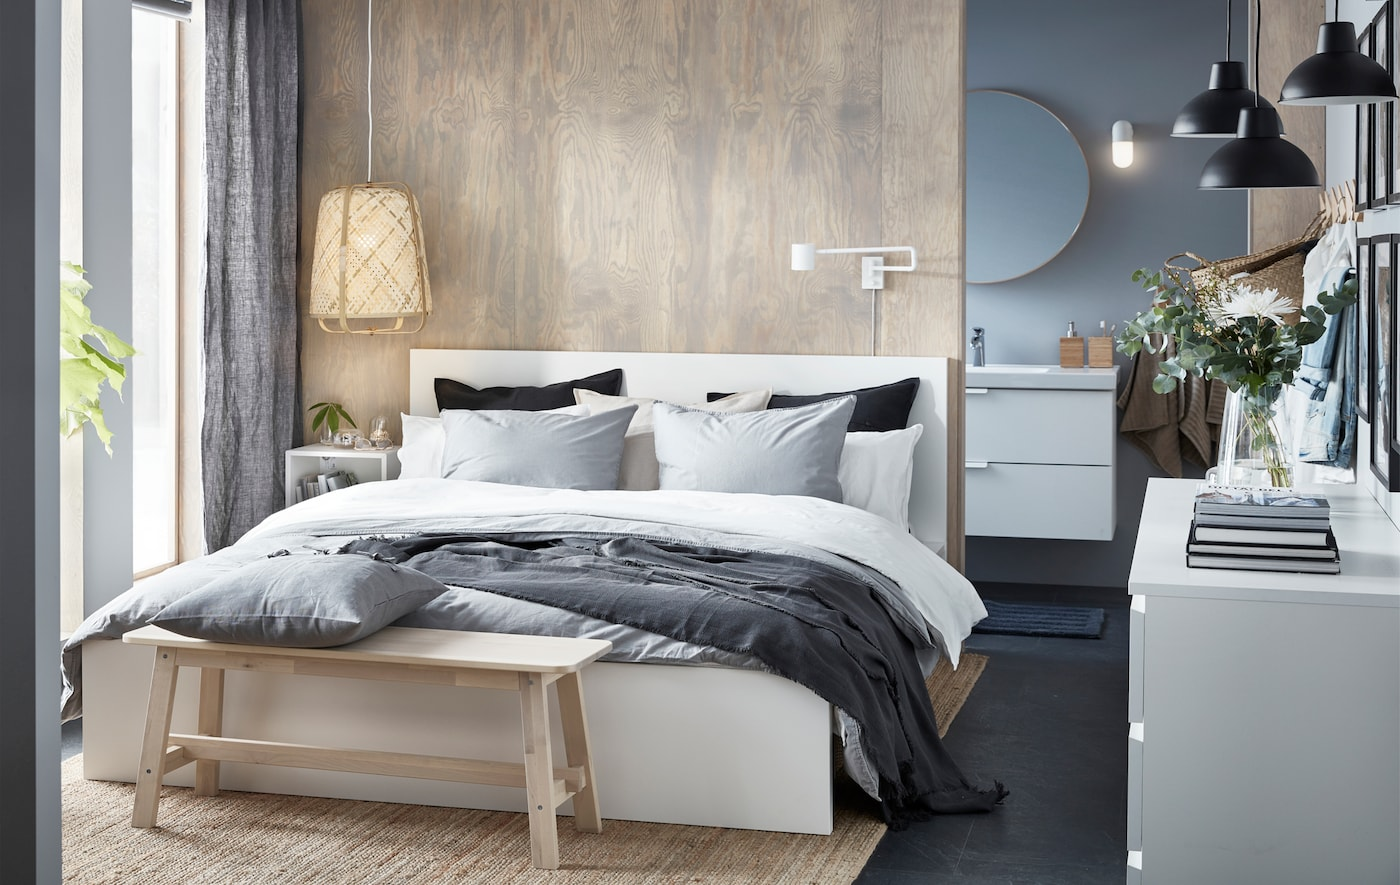 ニュートラルな配色、ダブルベッド、木のベンチ、藤のランプを置いたベッドルーム。